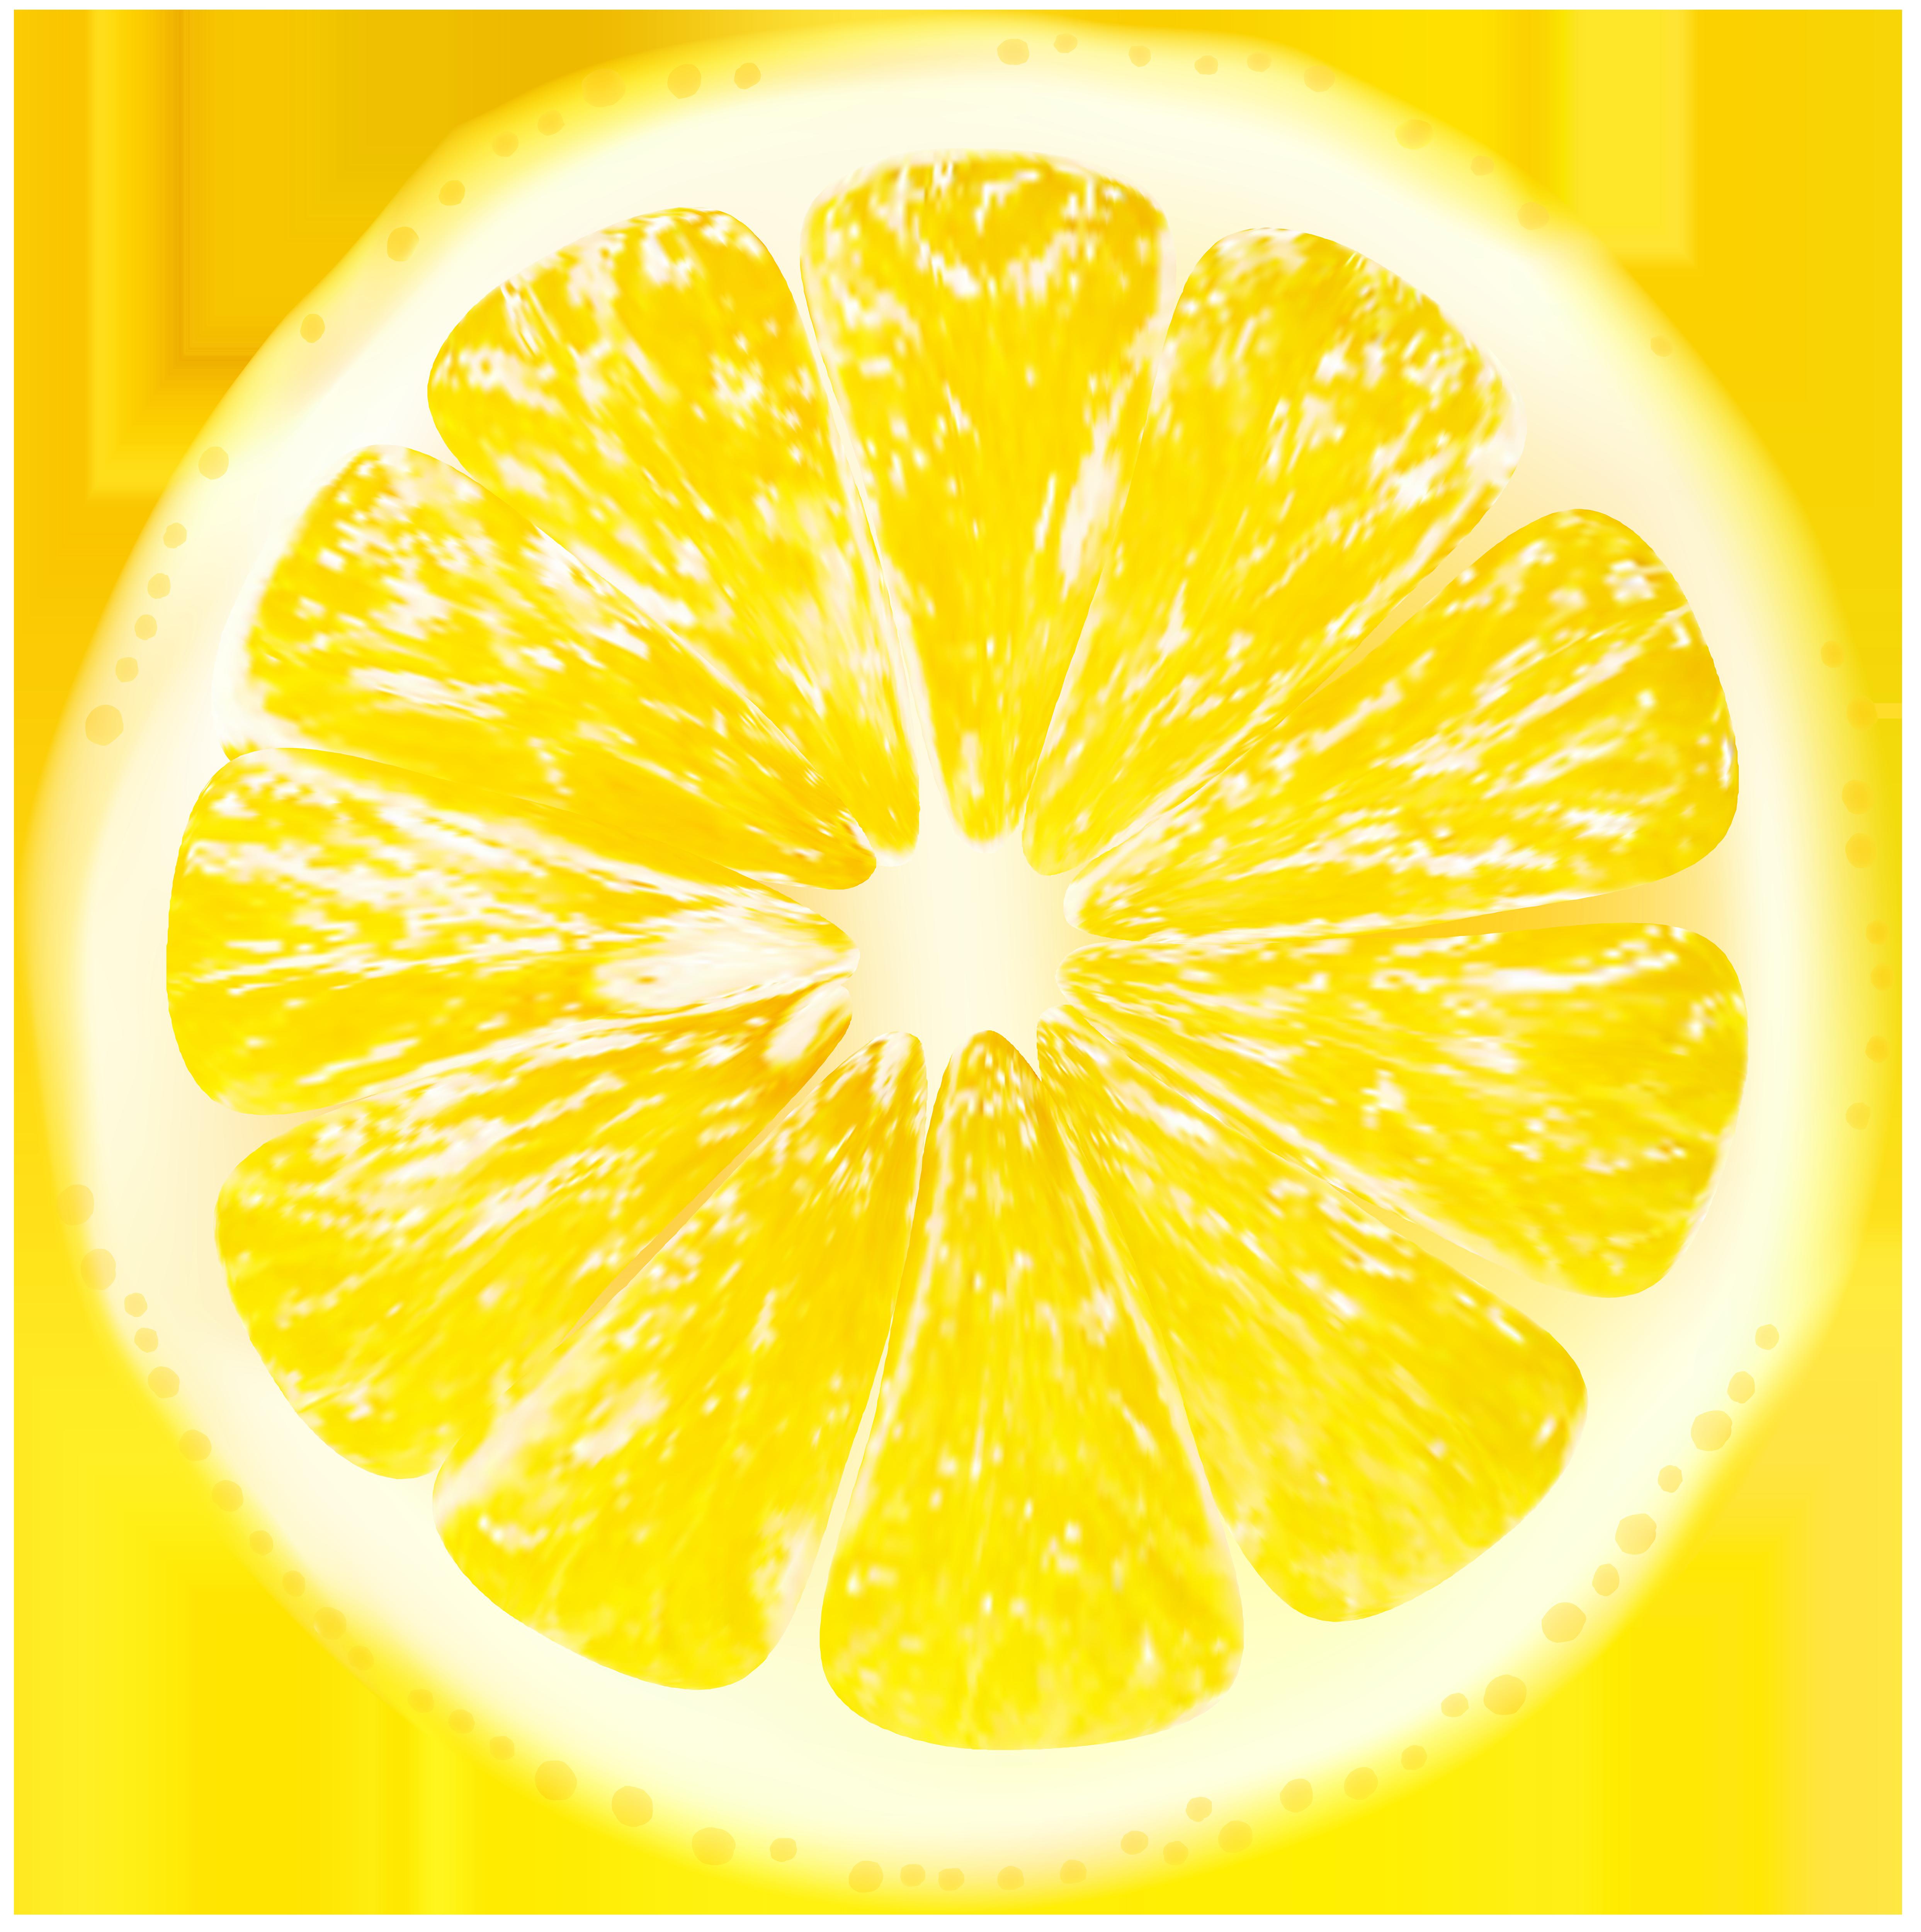 clip transparent stock Slices transparent png clip. Lemon clipart lemon slice.